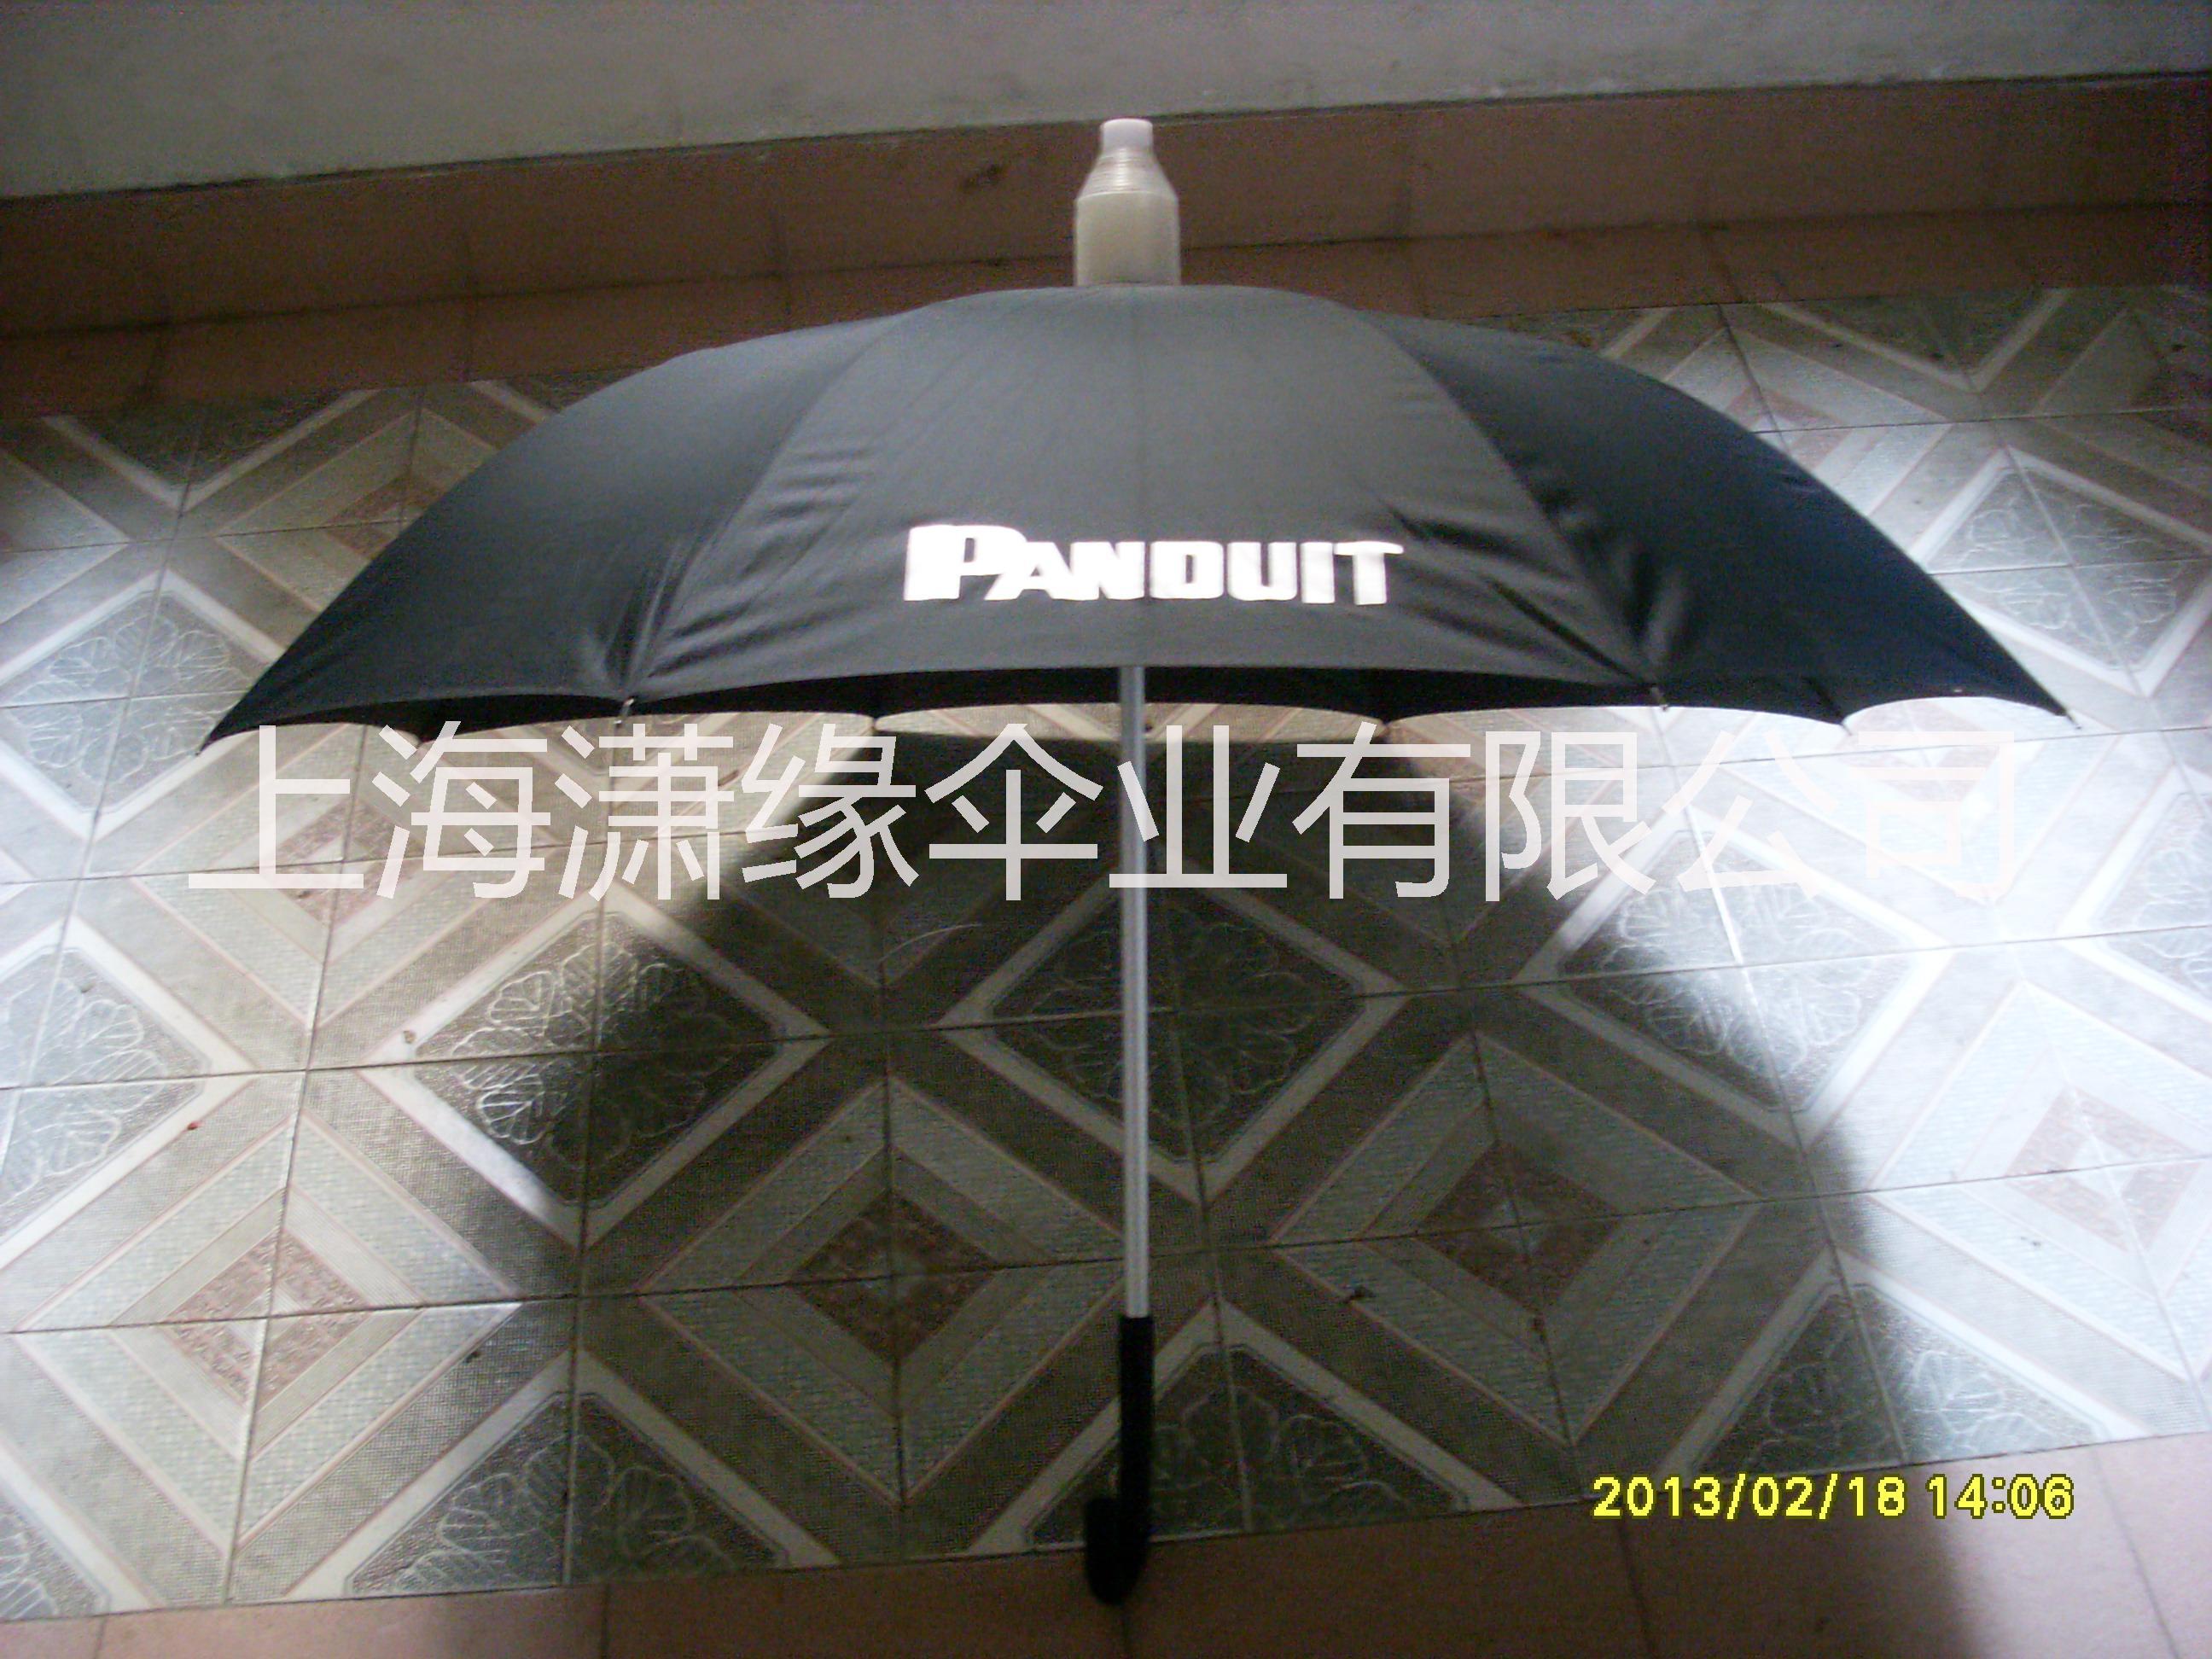 高尔夫伞 高档直柄直杆伞、玻璃纤维伞骨 PG布可印企业LOGO